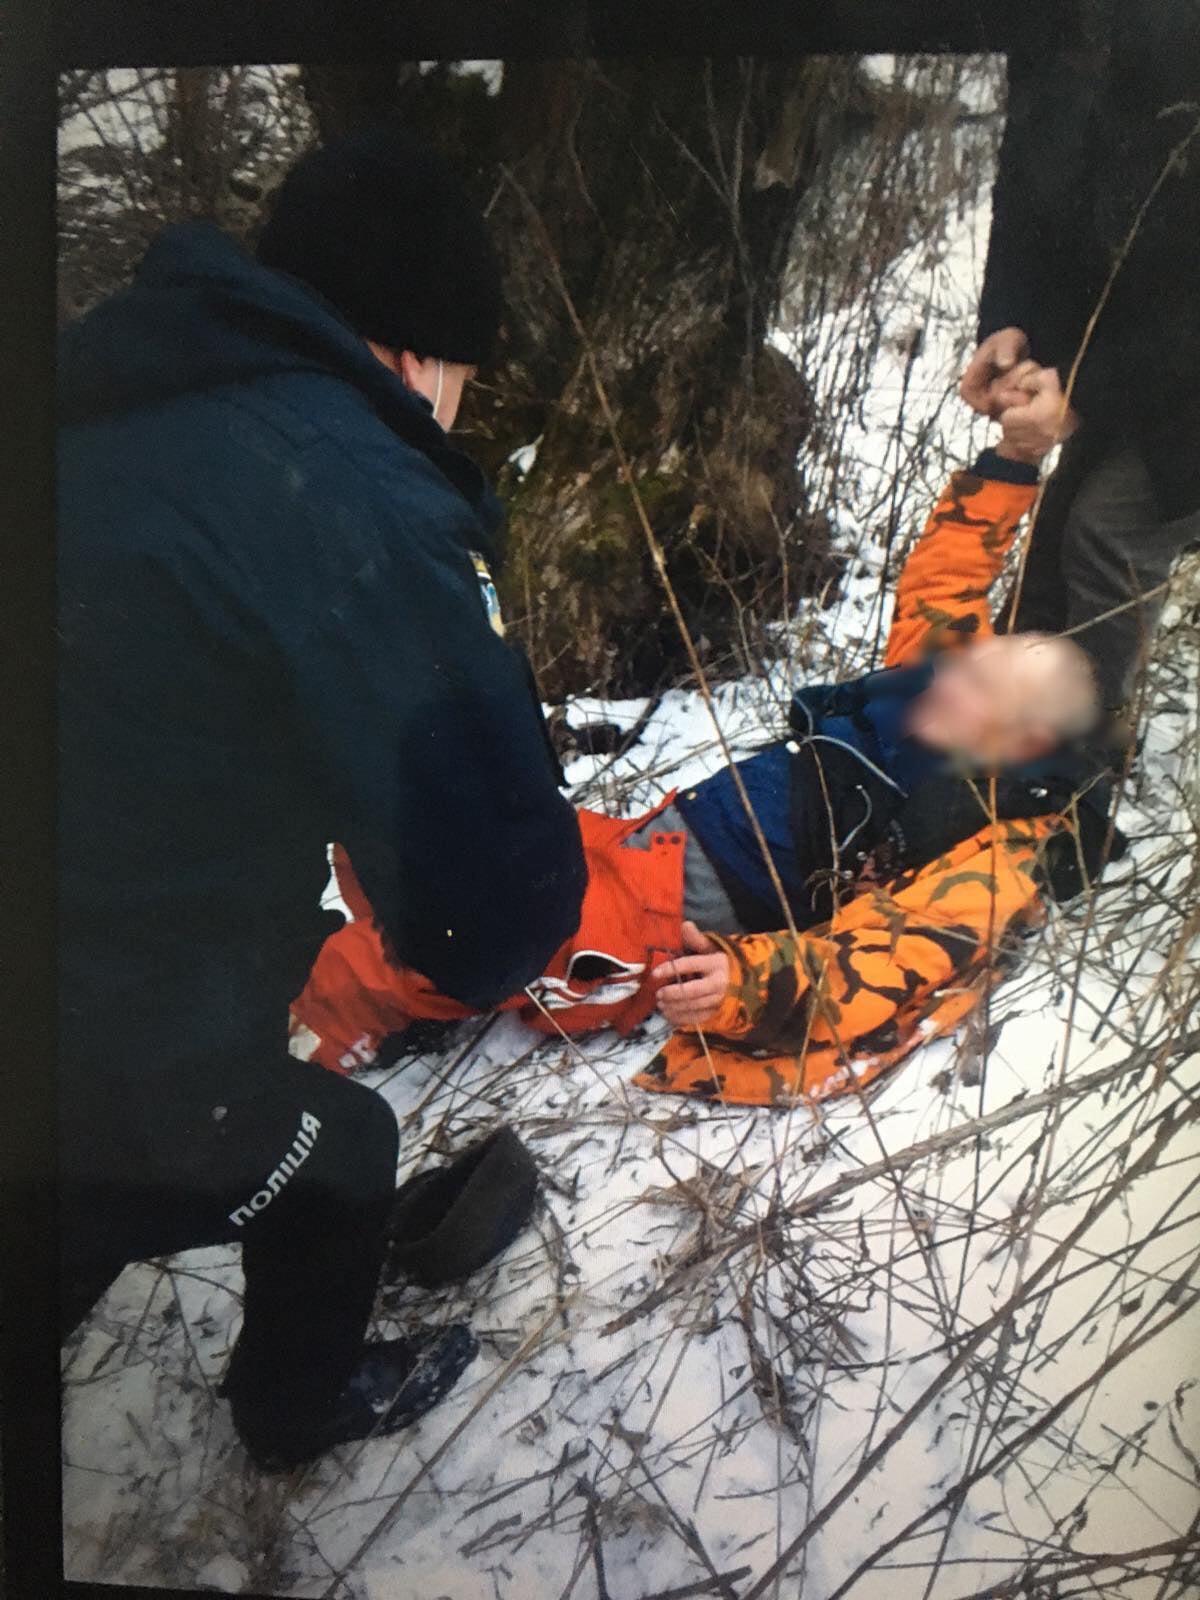 На Тячівщині врятували чоловіка, що пішов на риболовлю, впав у річку і не міг вибратися (ФОТО)